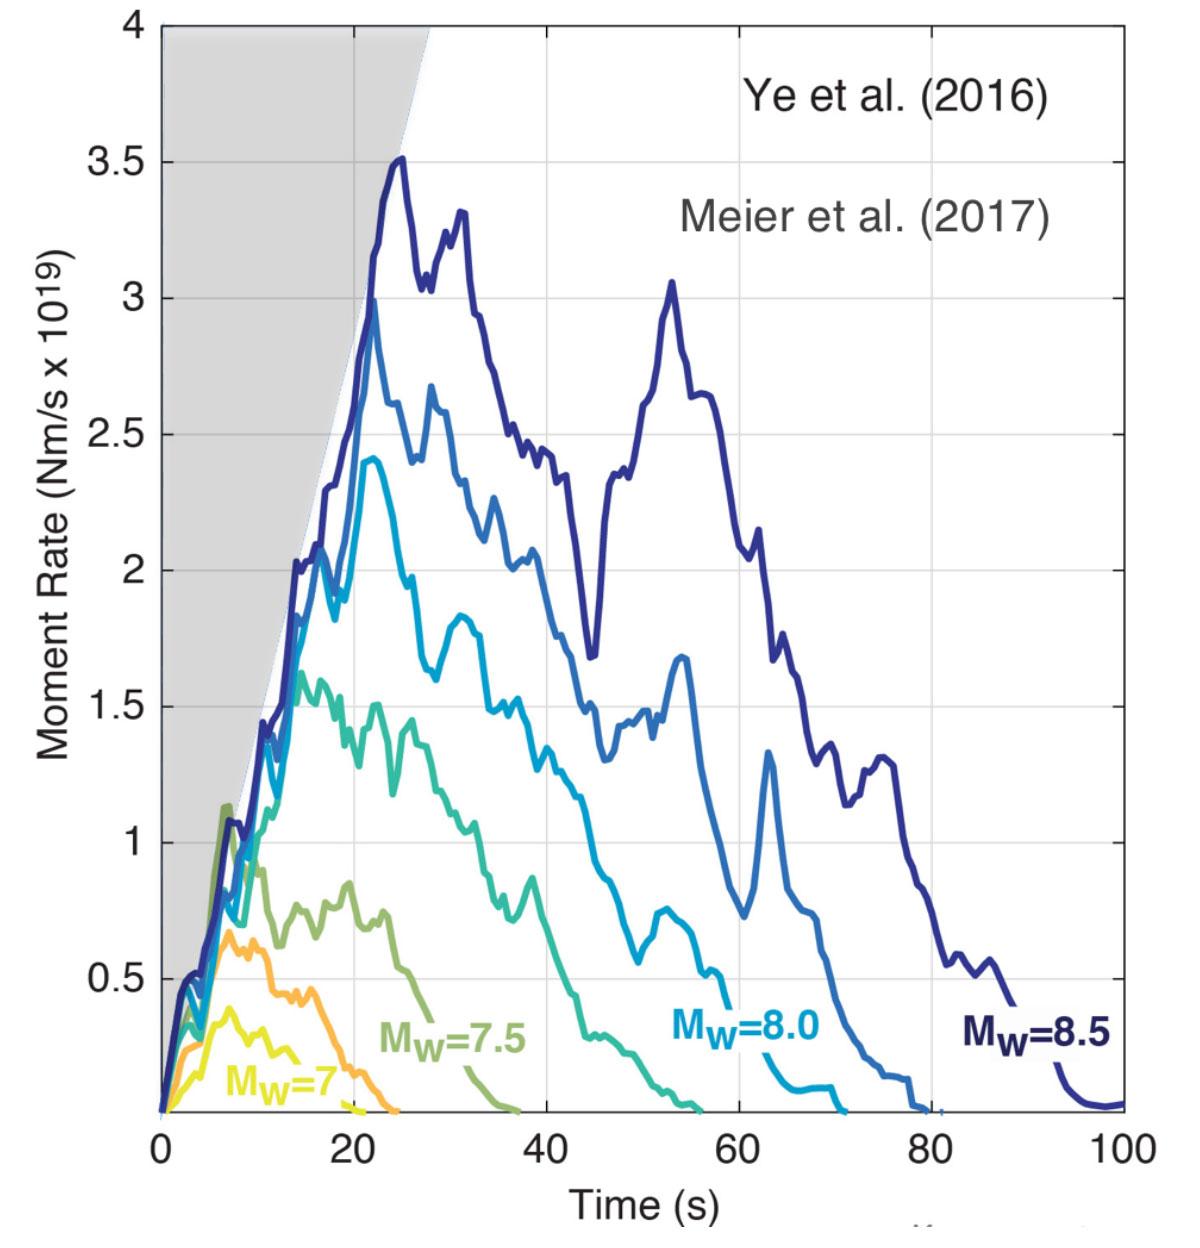 Esta figura, de Meier et al. (2017), sugiere que ningún terremoto pequeño está destinado para una grandeza futura. Todos comienzan a crecer a aproximadamente la misma tasa, pero los pequeños se desvanecen antes. El 'Momento' es una medición del tamaño o energía del terremoto.